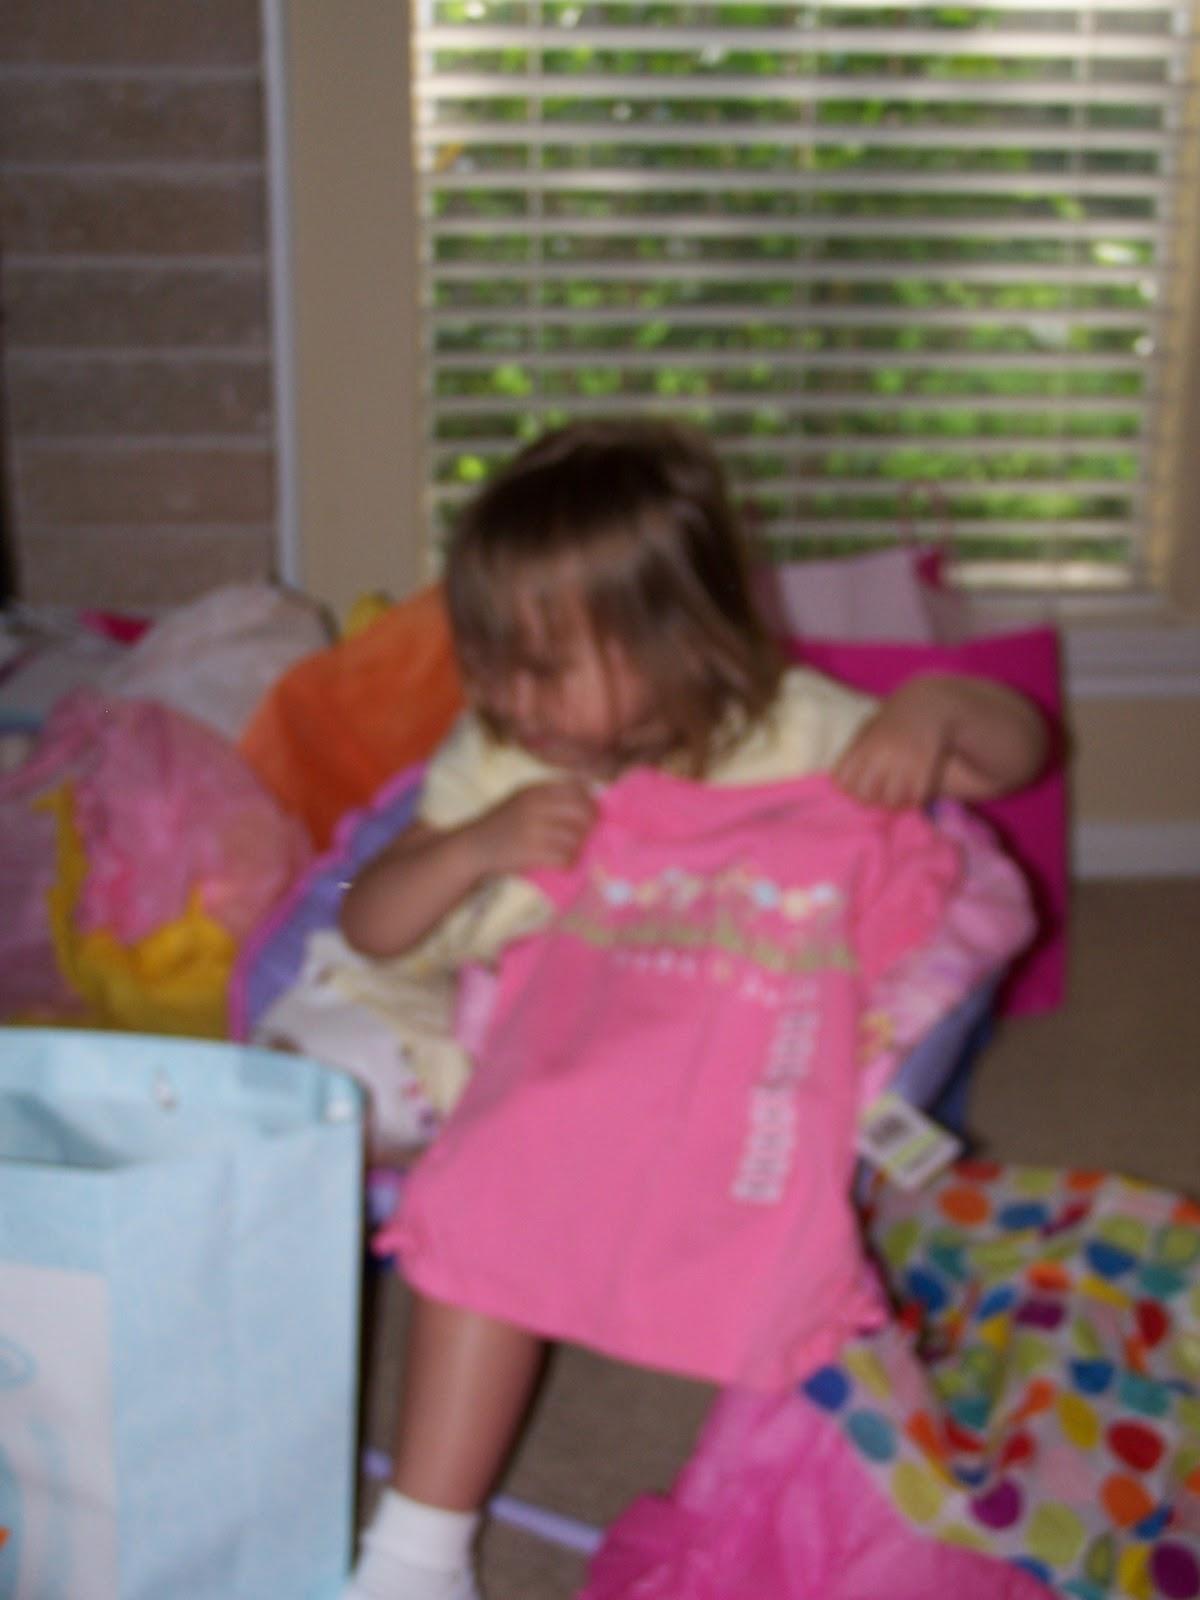 Corinas Birthday Party 2007 - 100_1924.JPG